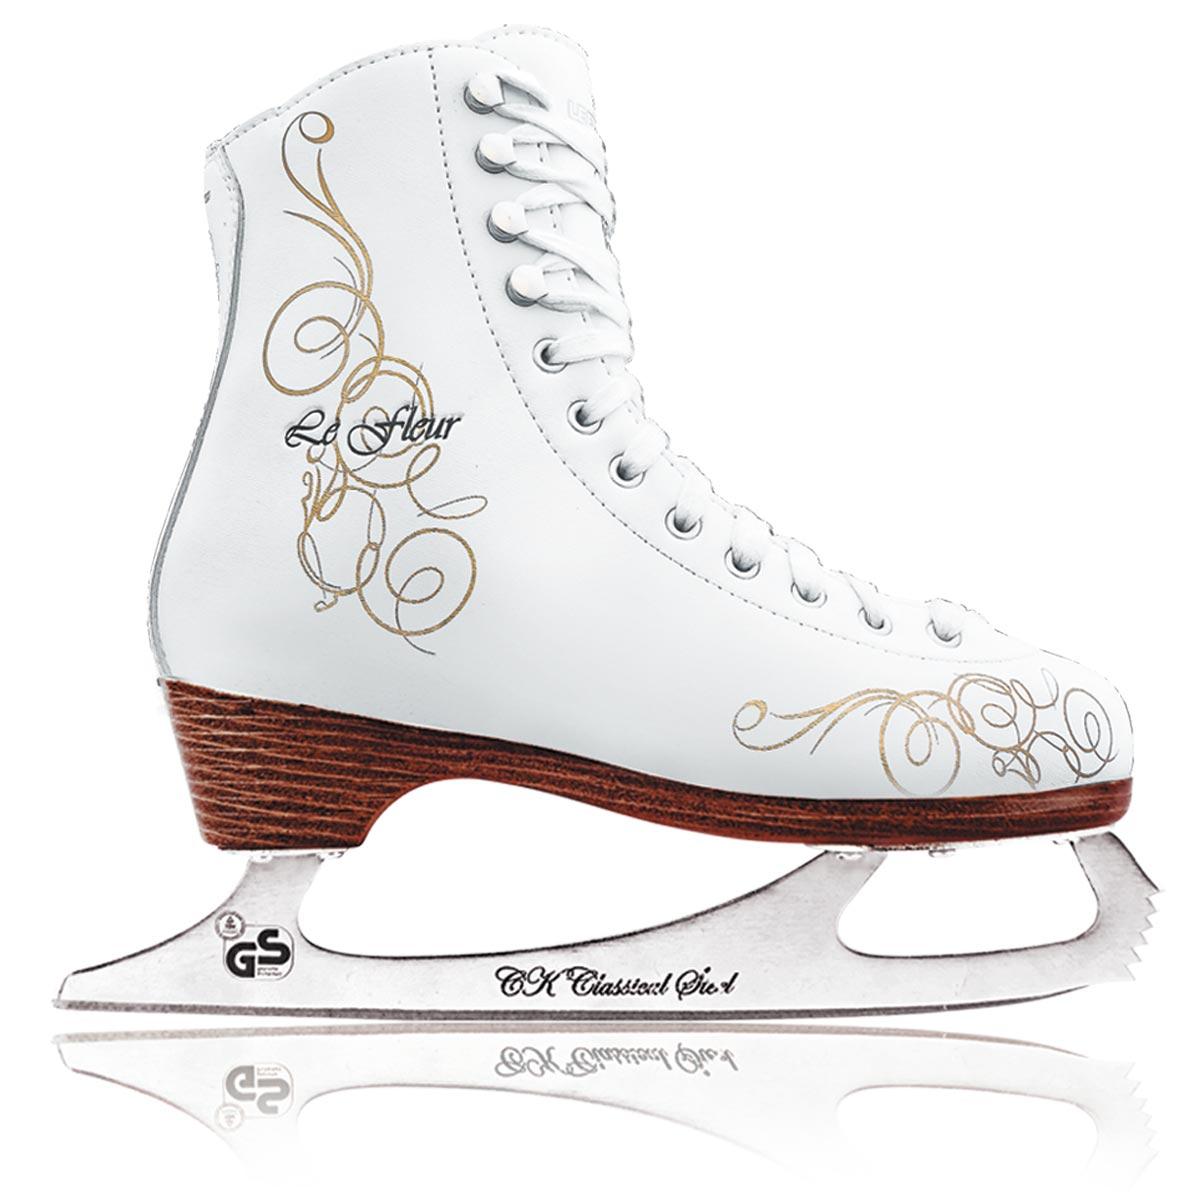 Коньки фигурные для девочки СК Le Fleur Leather 50/50, цвет: белый, золотой. Размер 36LE FLEUR leather 50/50_белый, золотой_36